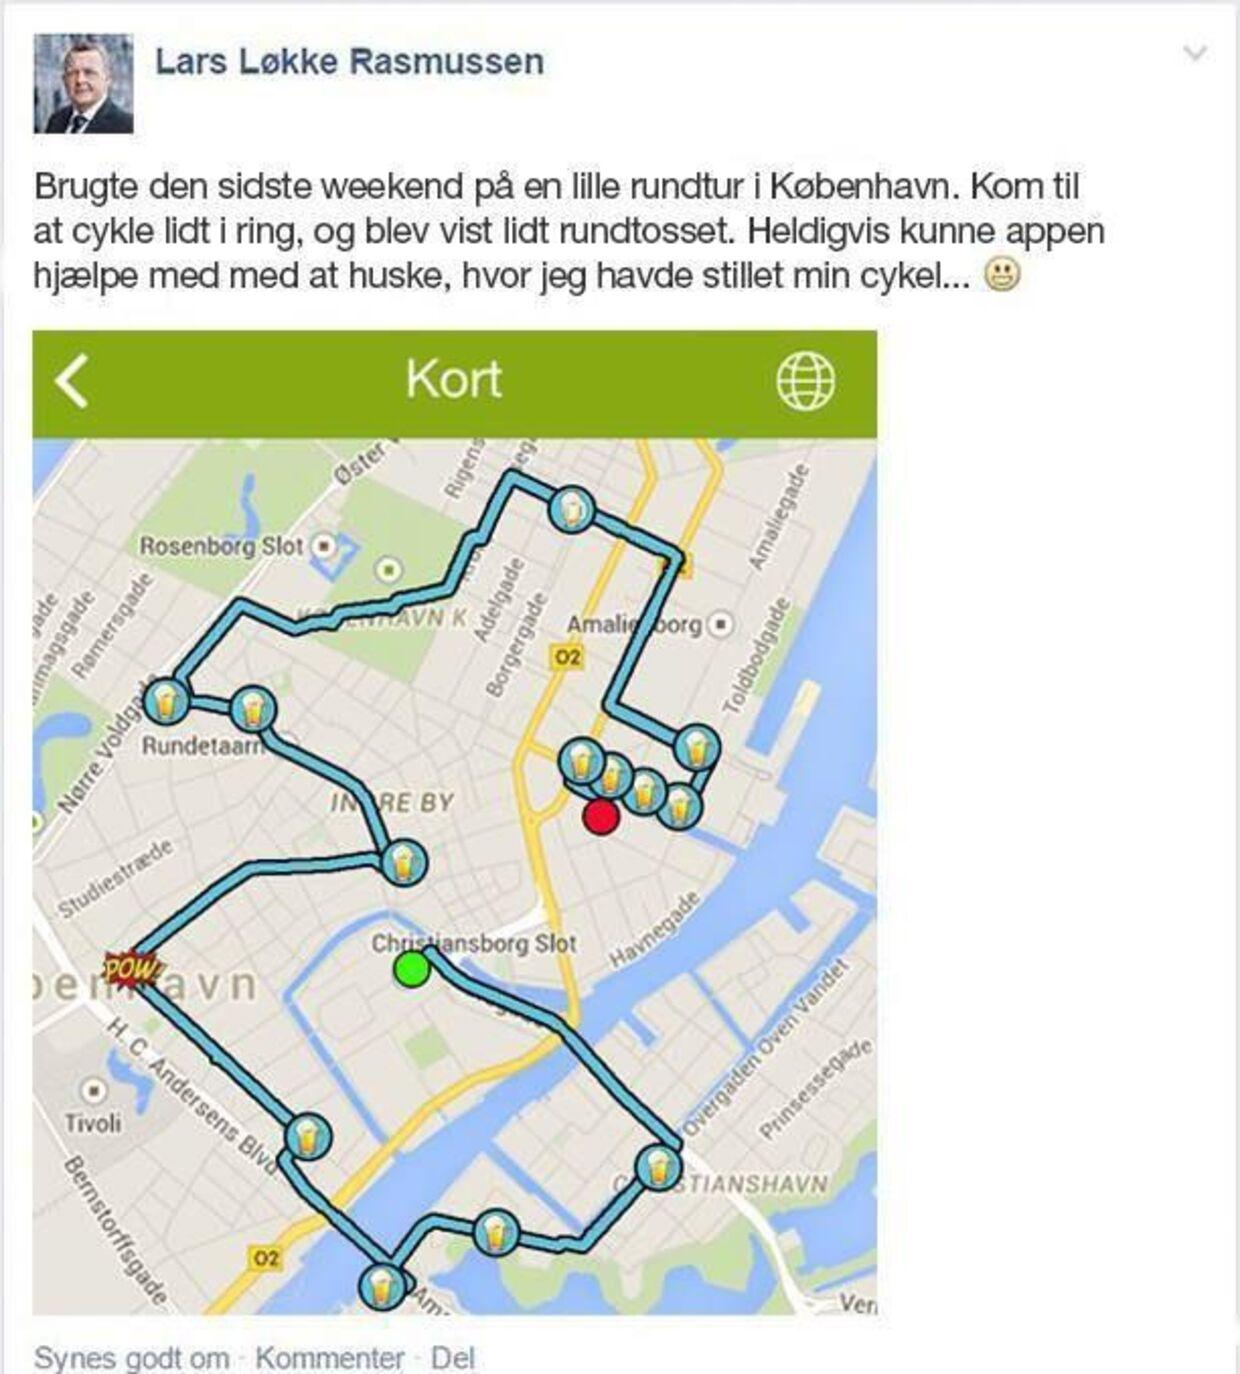 Når Løkke cykler rundt i København stopper han gerne 13 steder og drikker øl undervejs, lyder logikken bag dette opslag fra Blå Blok Indefra.